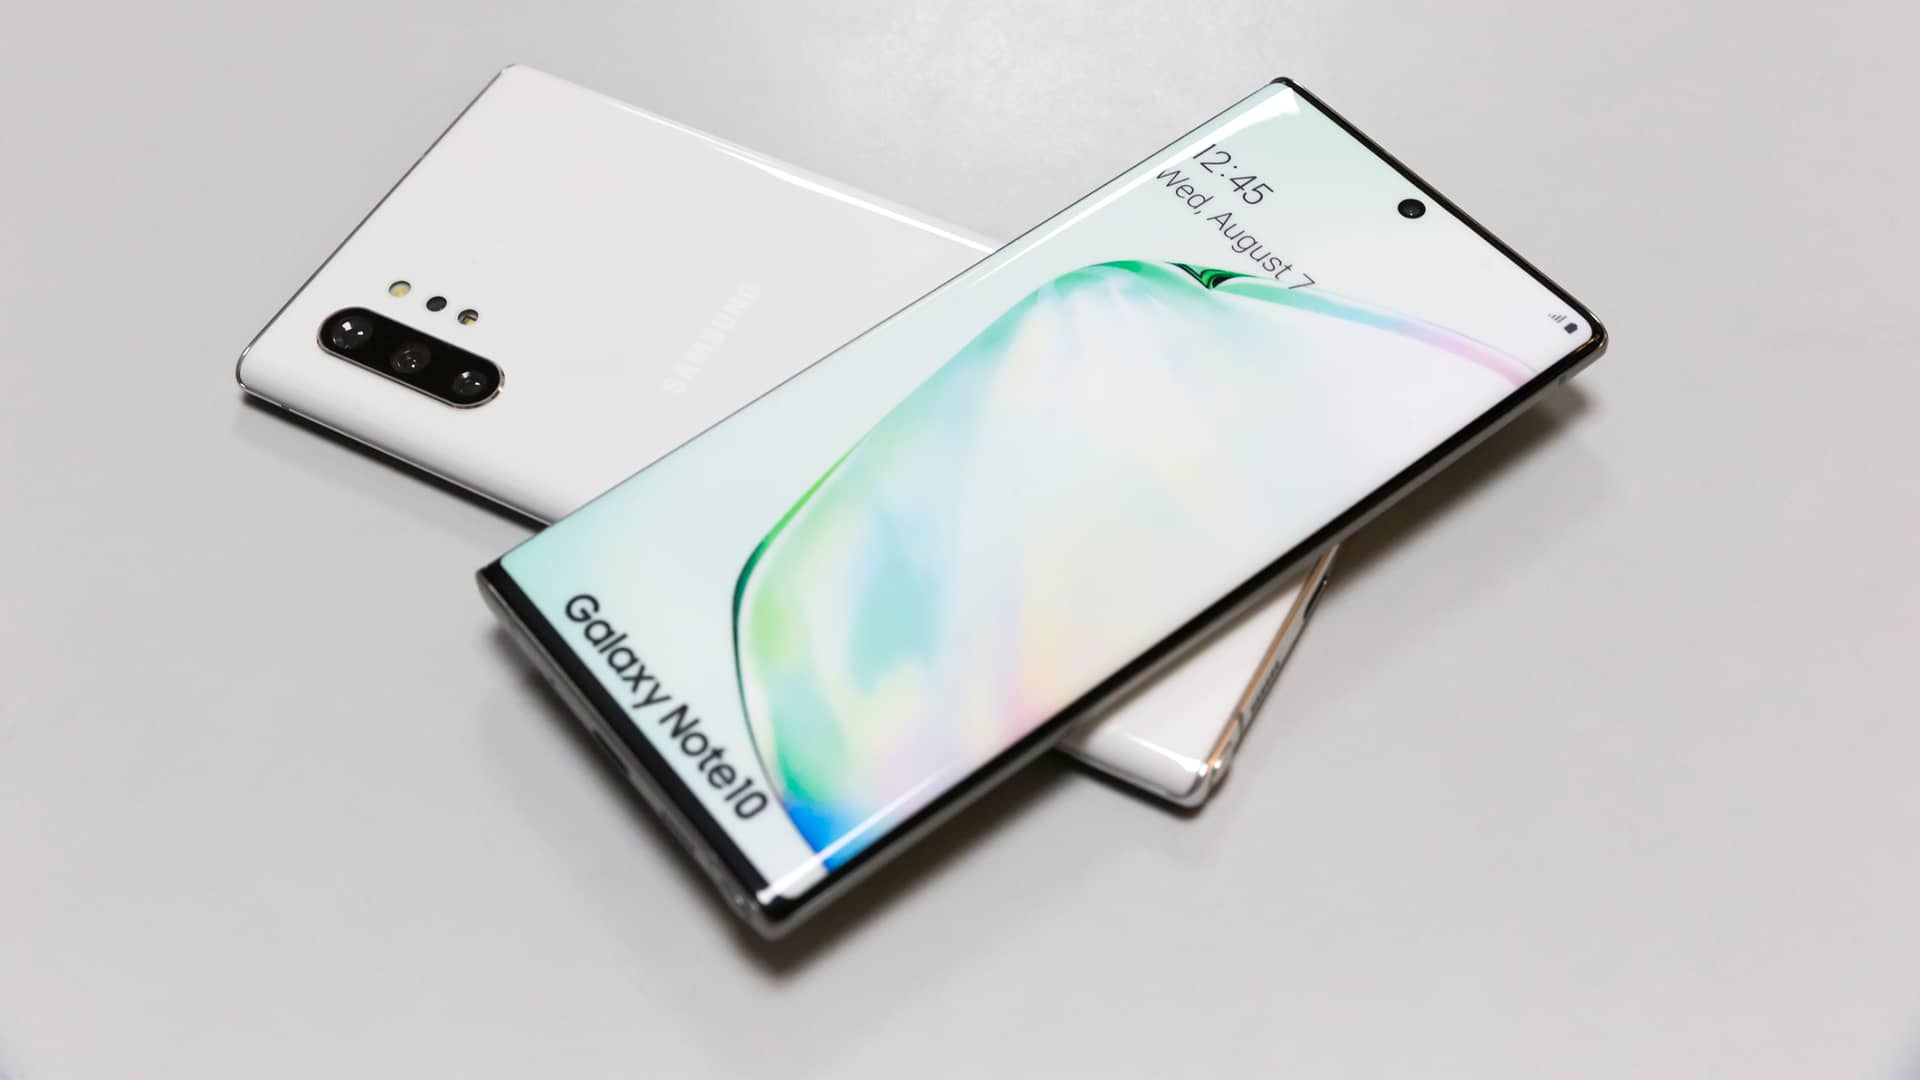 Comprar Samsung Galaxy Note 10 en Movistar: ¿a qué precio?